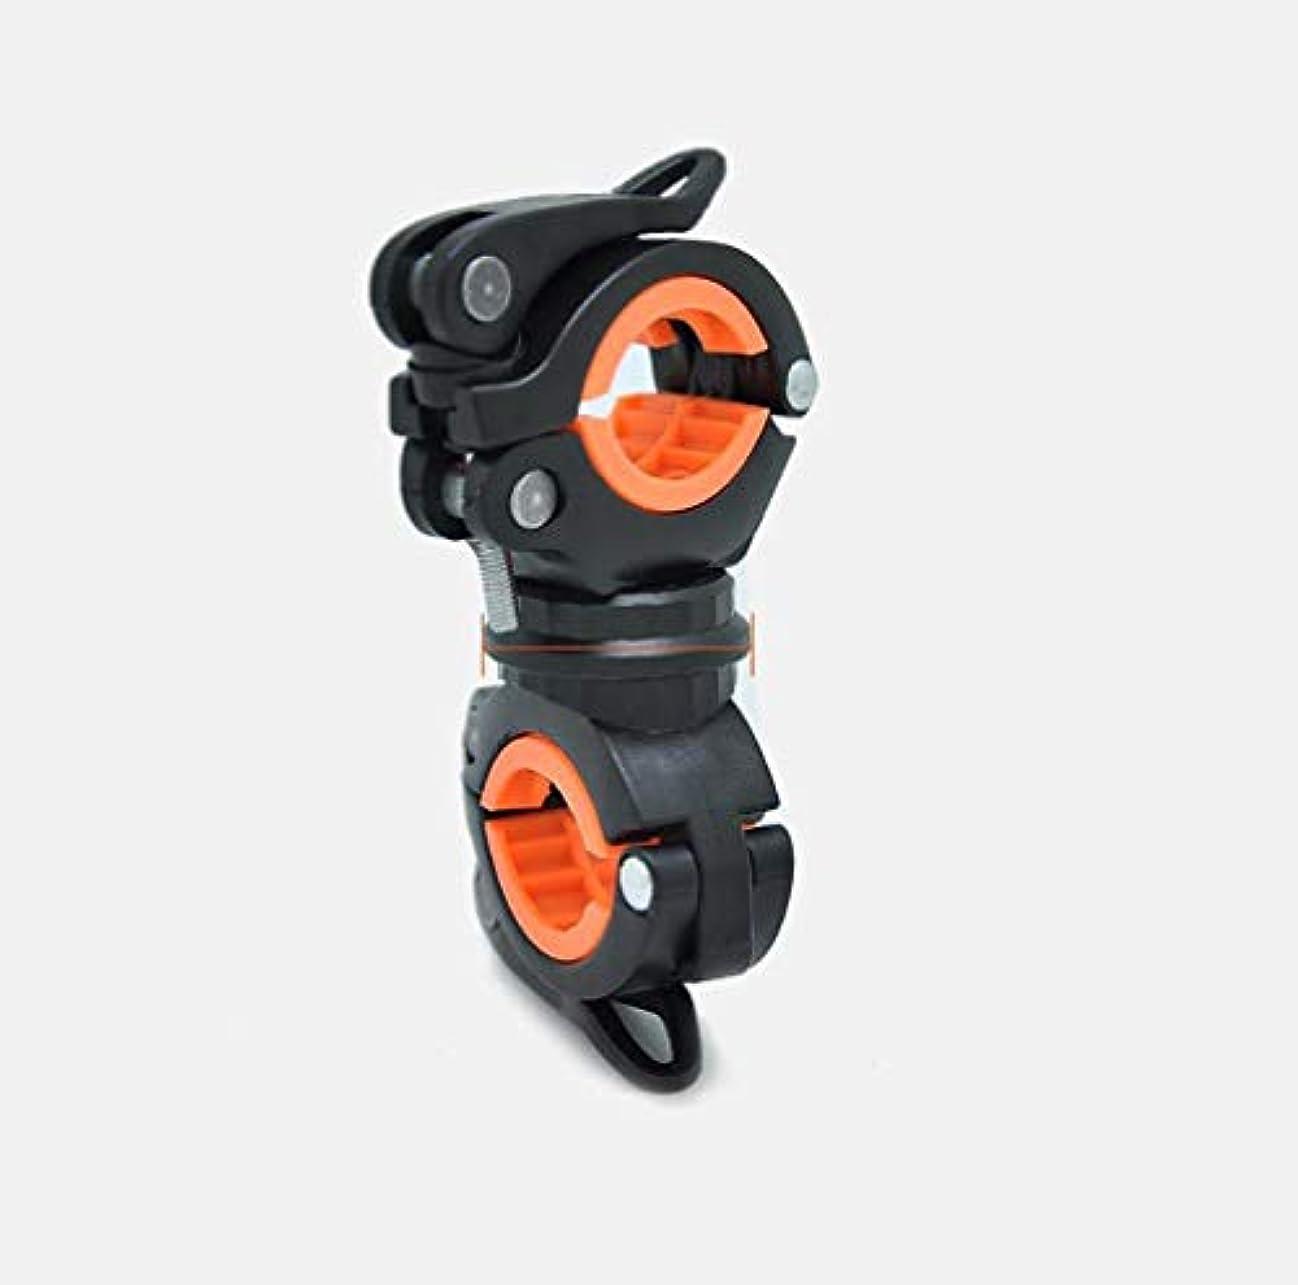 ヒューム登る鳩OnKJ自転車 ライトホルダー ラバー オートバイク 固定ブラケット 懐中電灯ホルダー 多機能 360度回転 操作簡単 サイズ調整可能